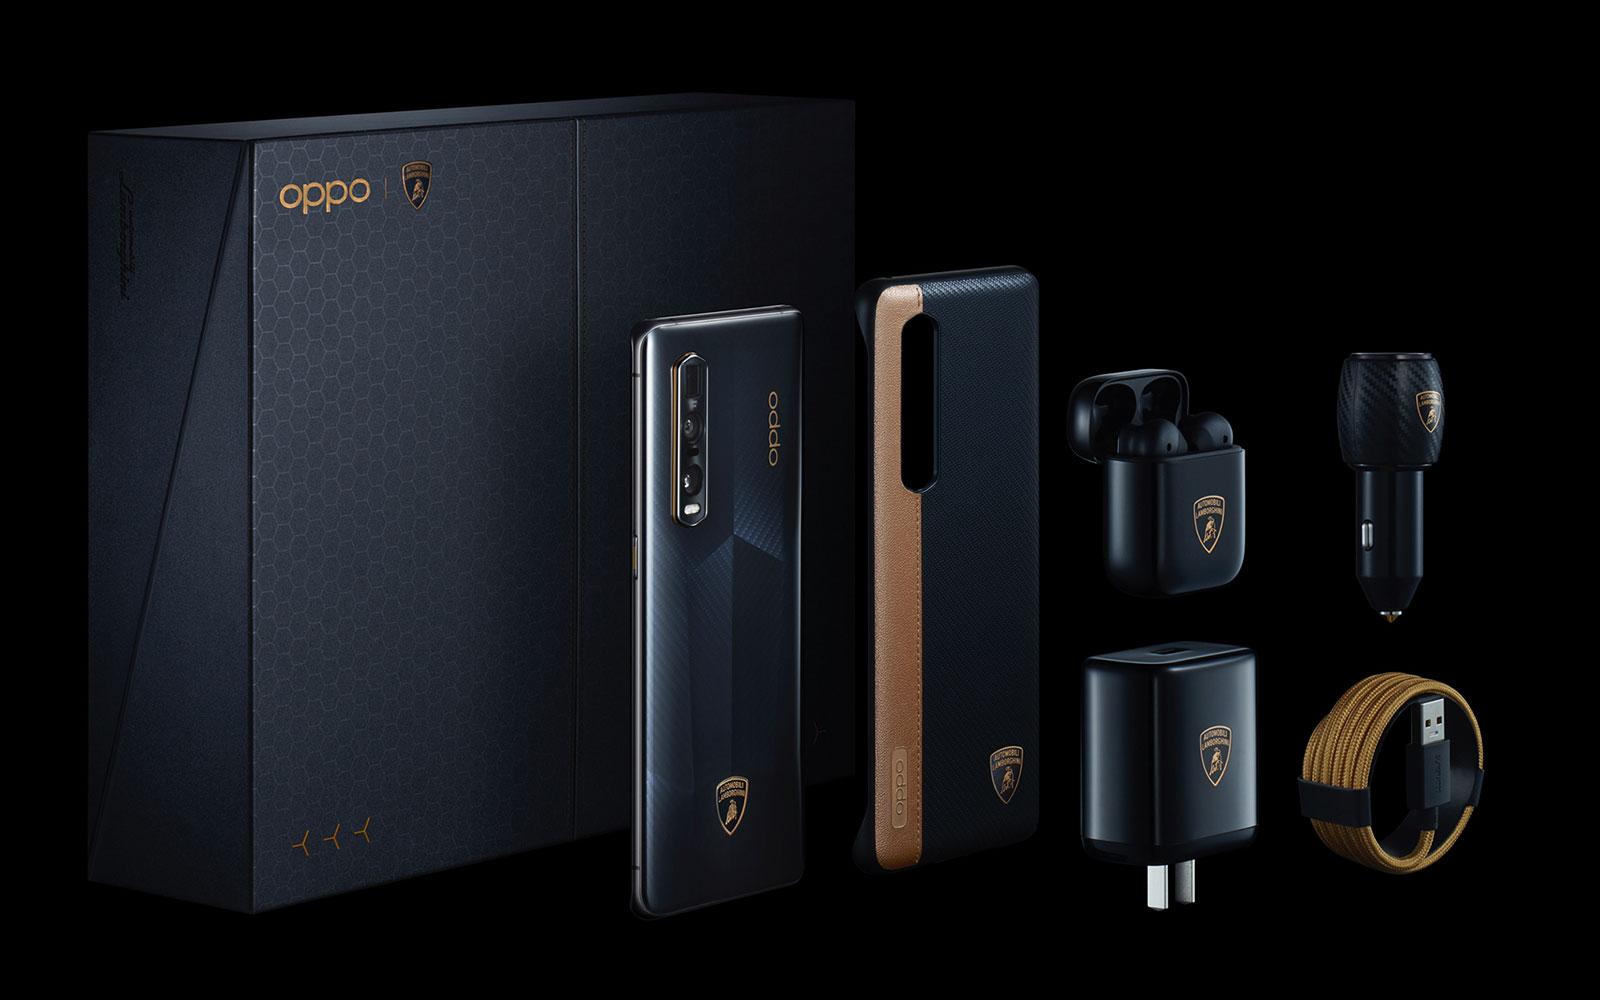 Oppo Find X2 Pro Automobili Lamborghini Edition 2 1600x1000x